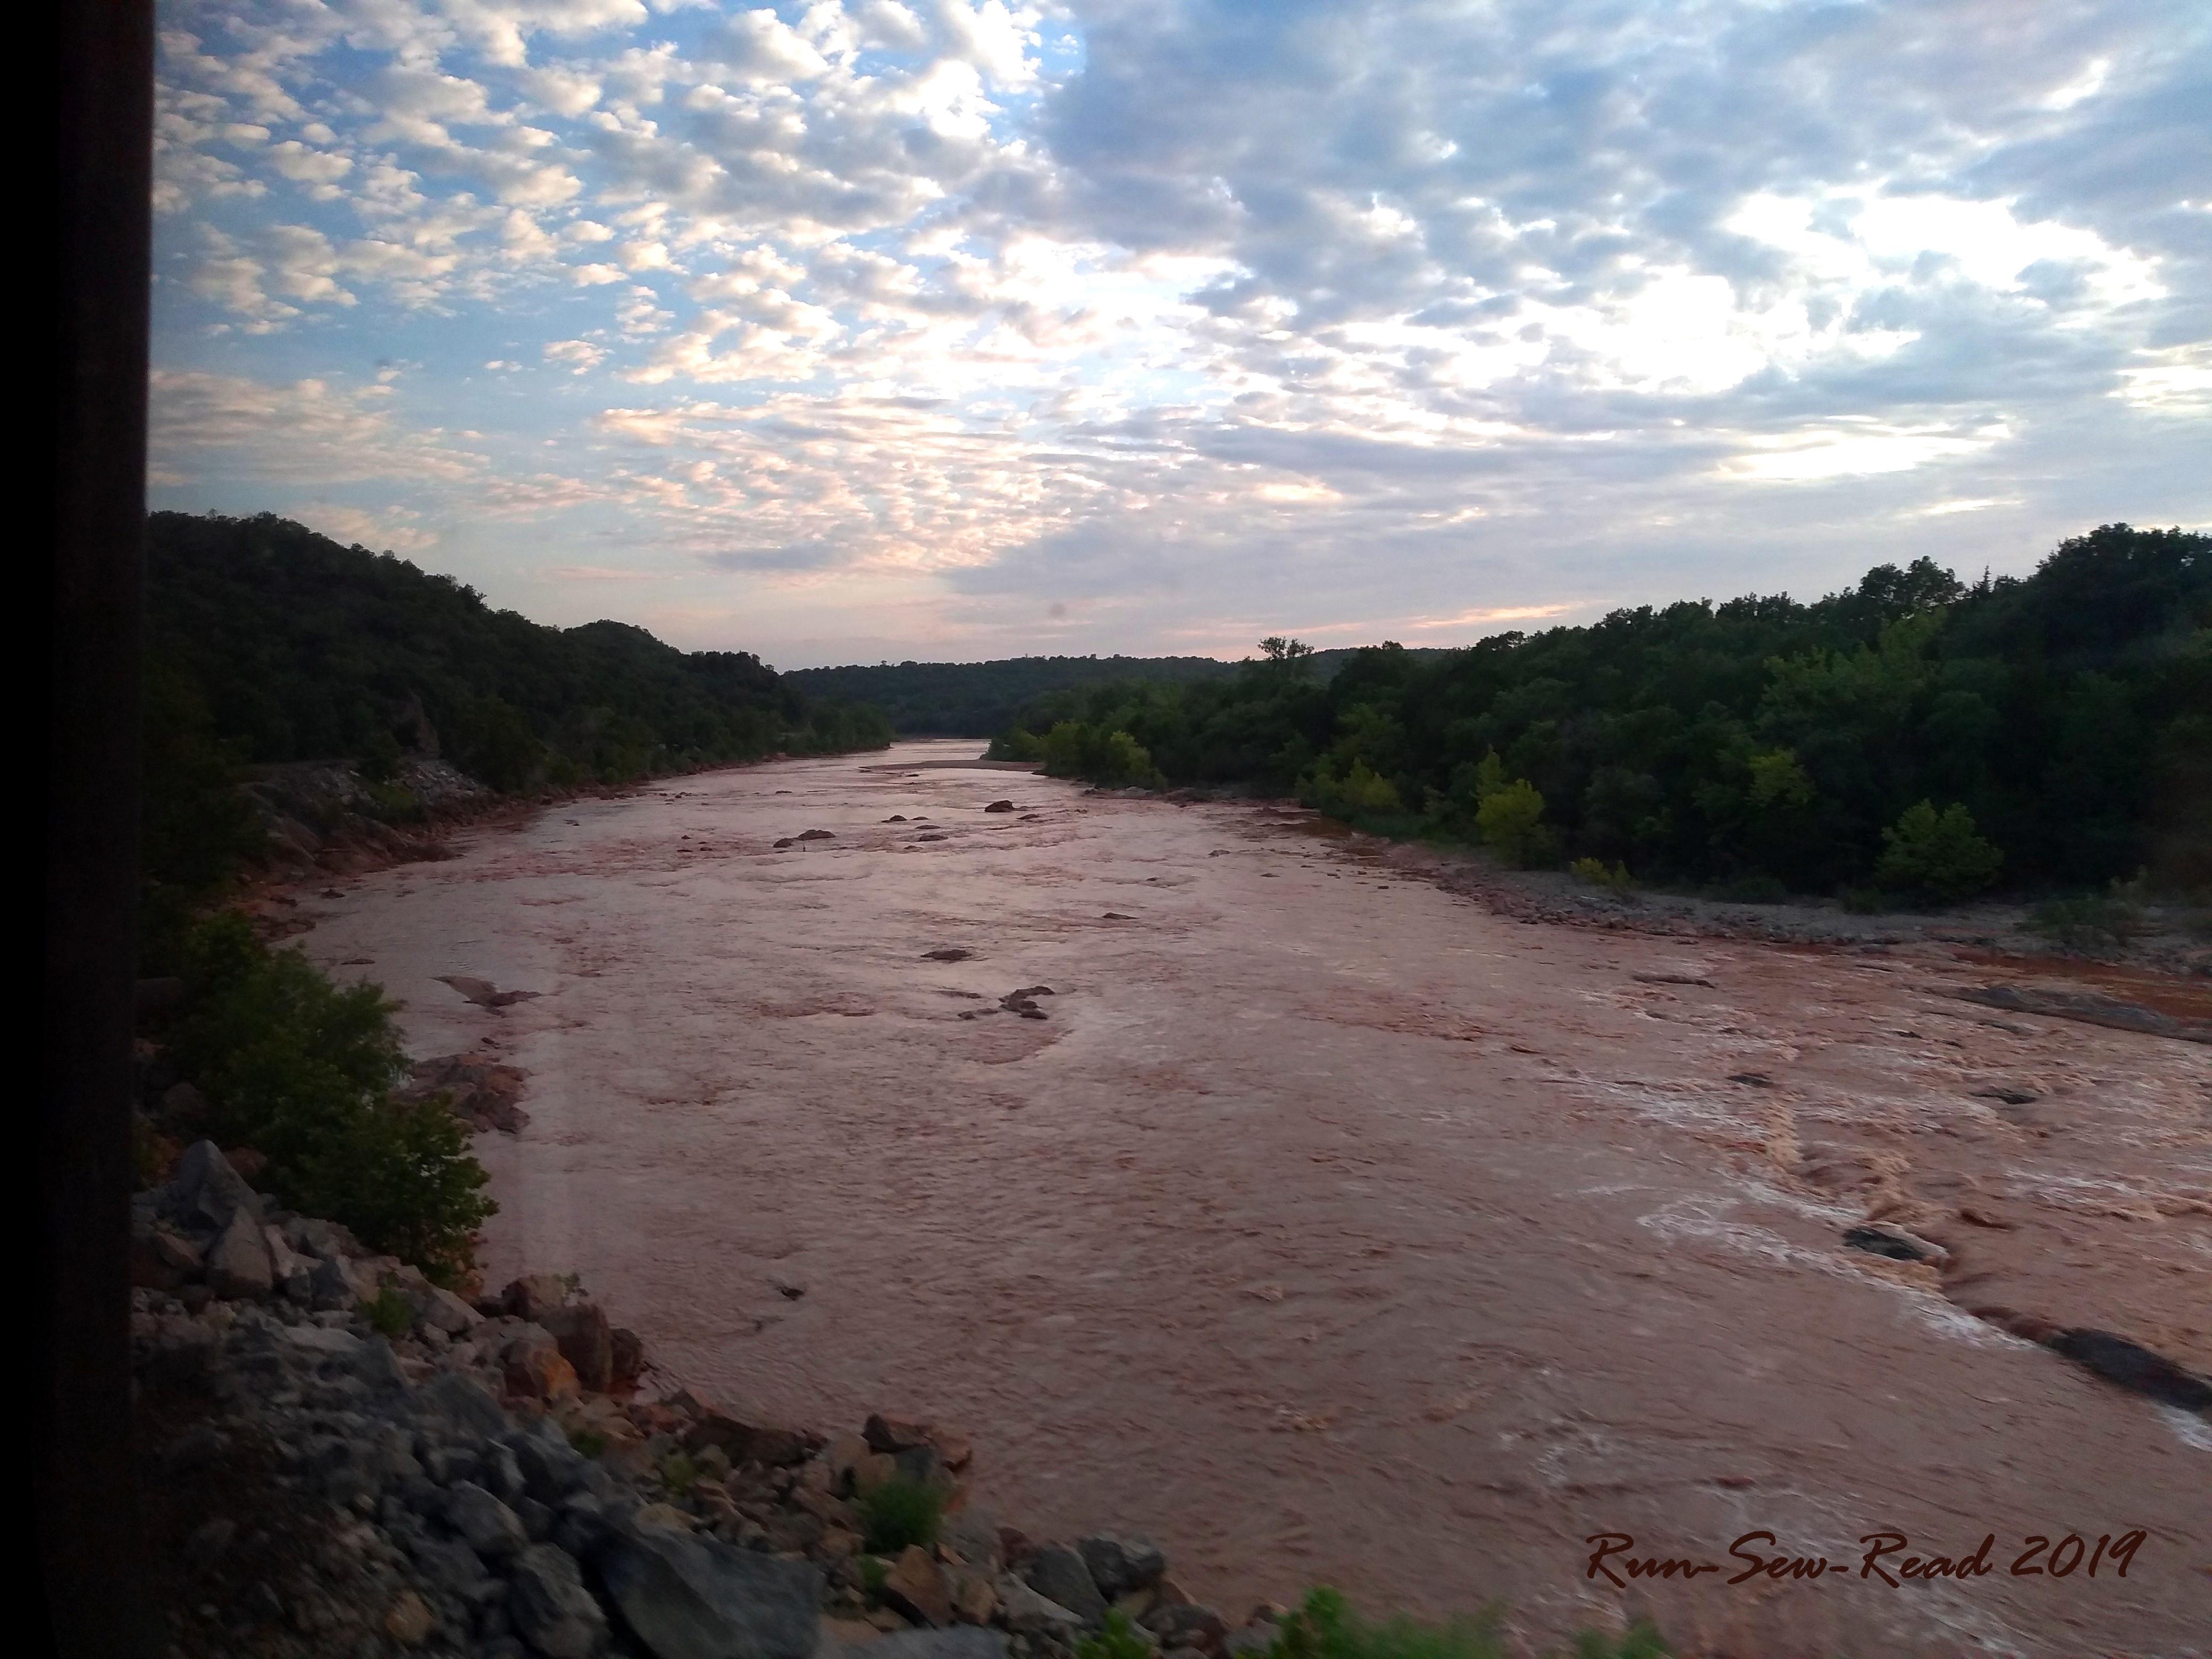 River view RSR